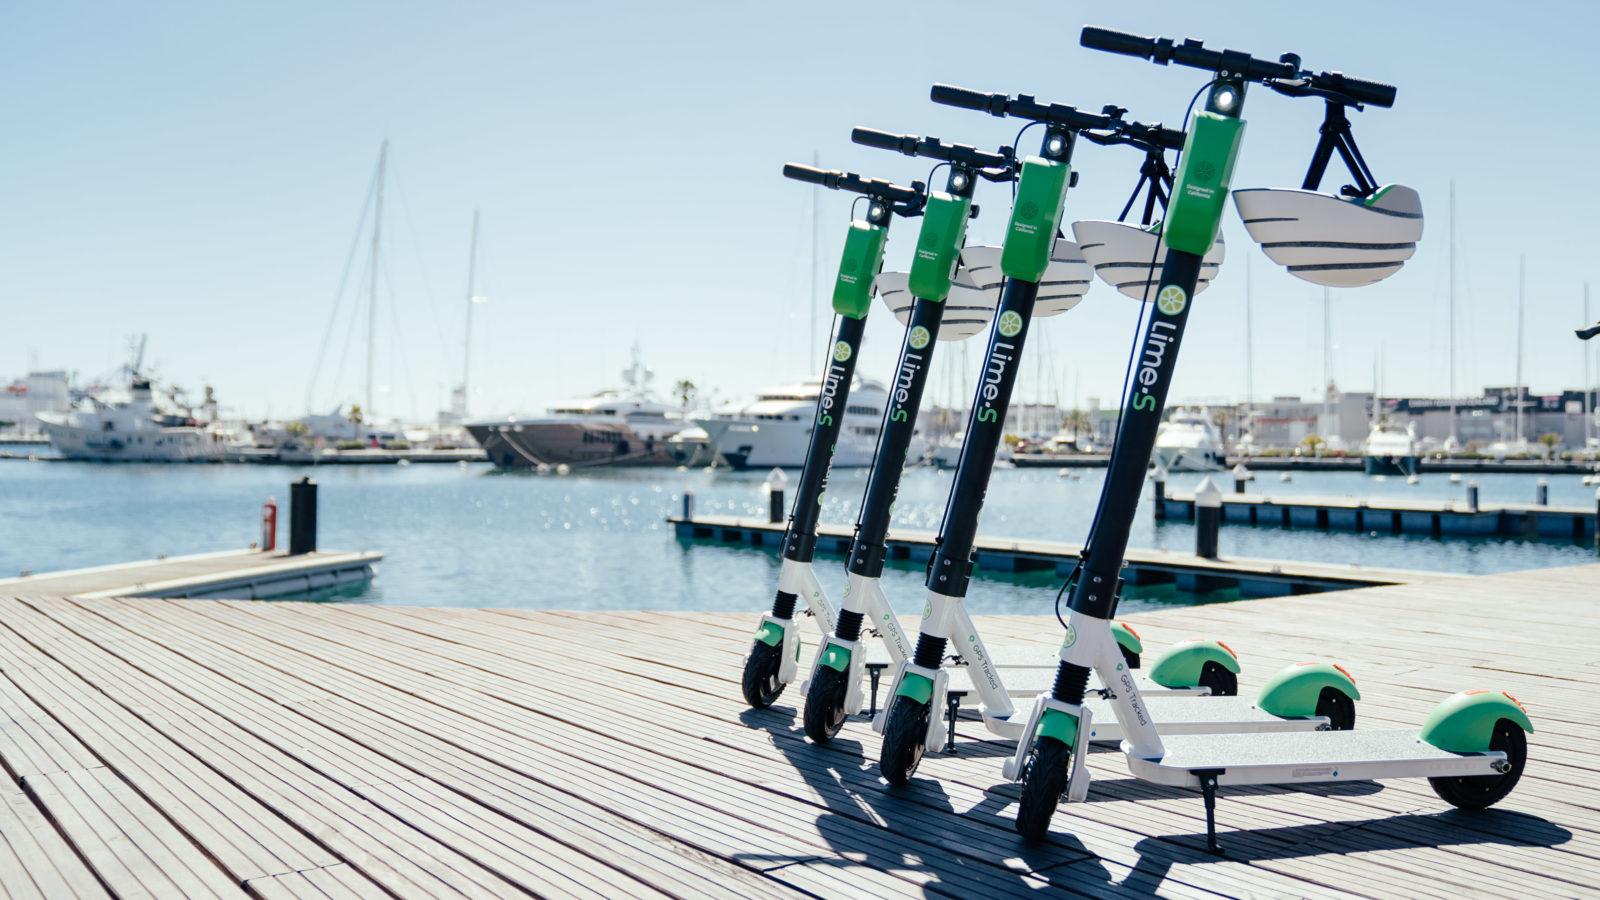 Lime despliega su servicio de patinetes en La Marina de València